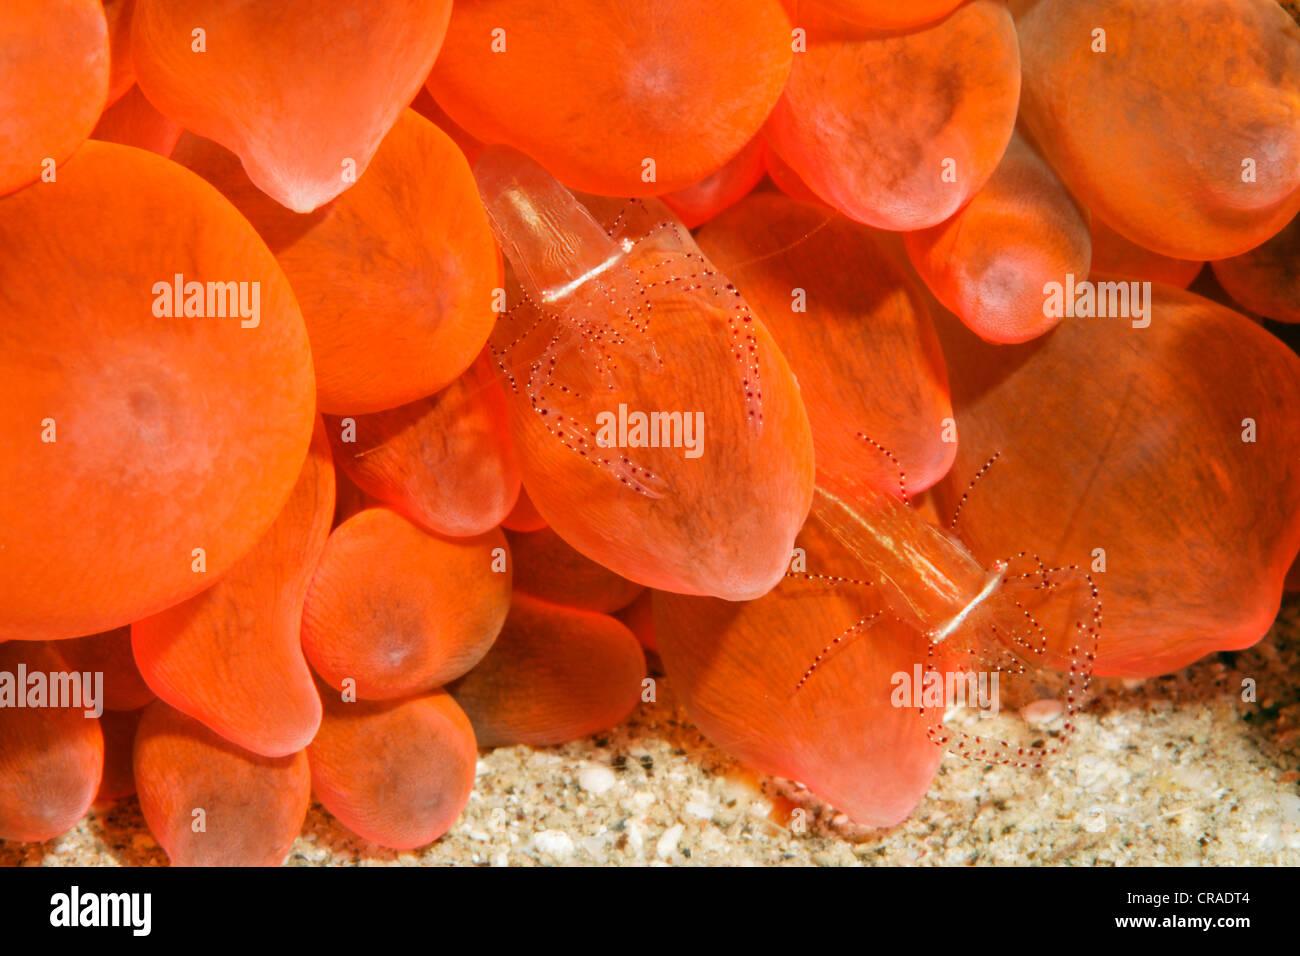 Paire de crevettes Anémone (Periclimenes ornatus) en rouge anémone de mer, Royaume hachémite de Jordanie, Photo Stock